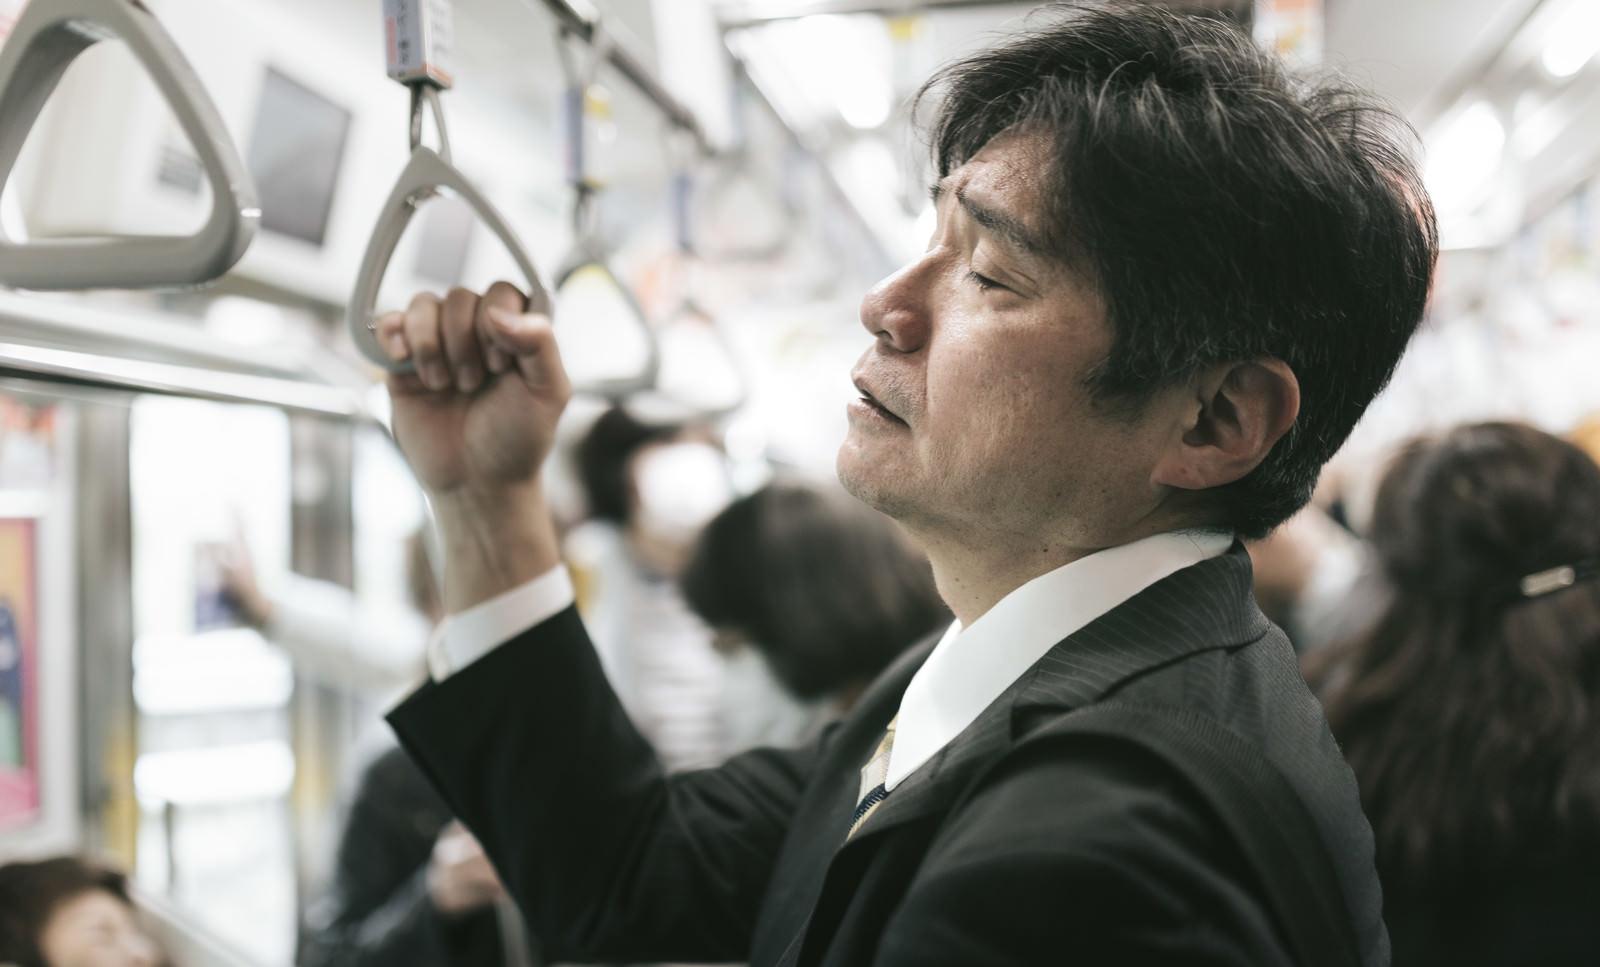 「満員電車の通勤が最も疲れる原因(中年男性)満員電車の通勤が最も疲れる原因(中年男性)」[モデル:よたか]のフリー写真素材を拡大